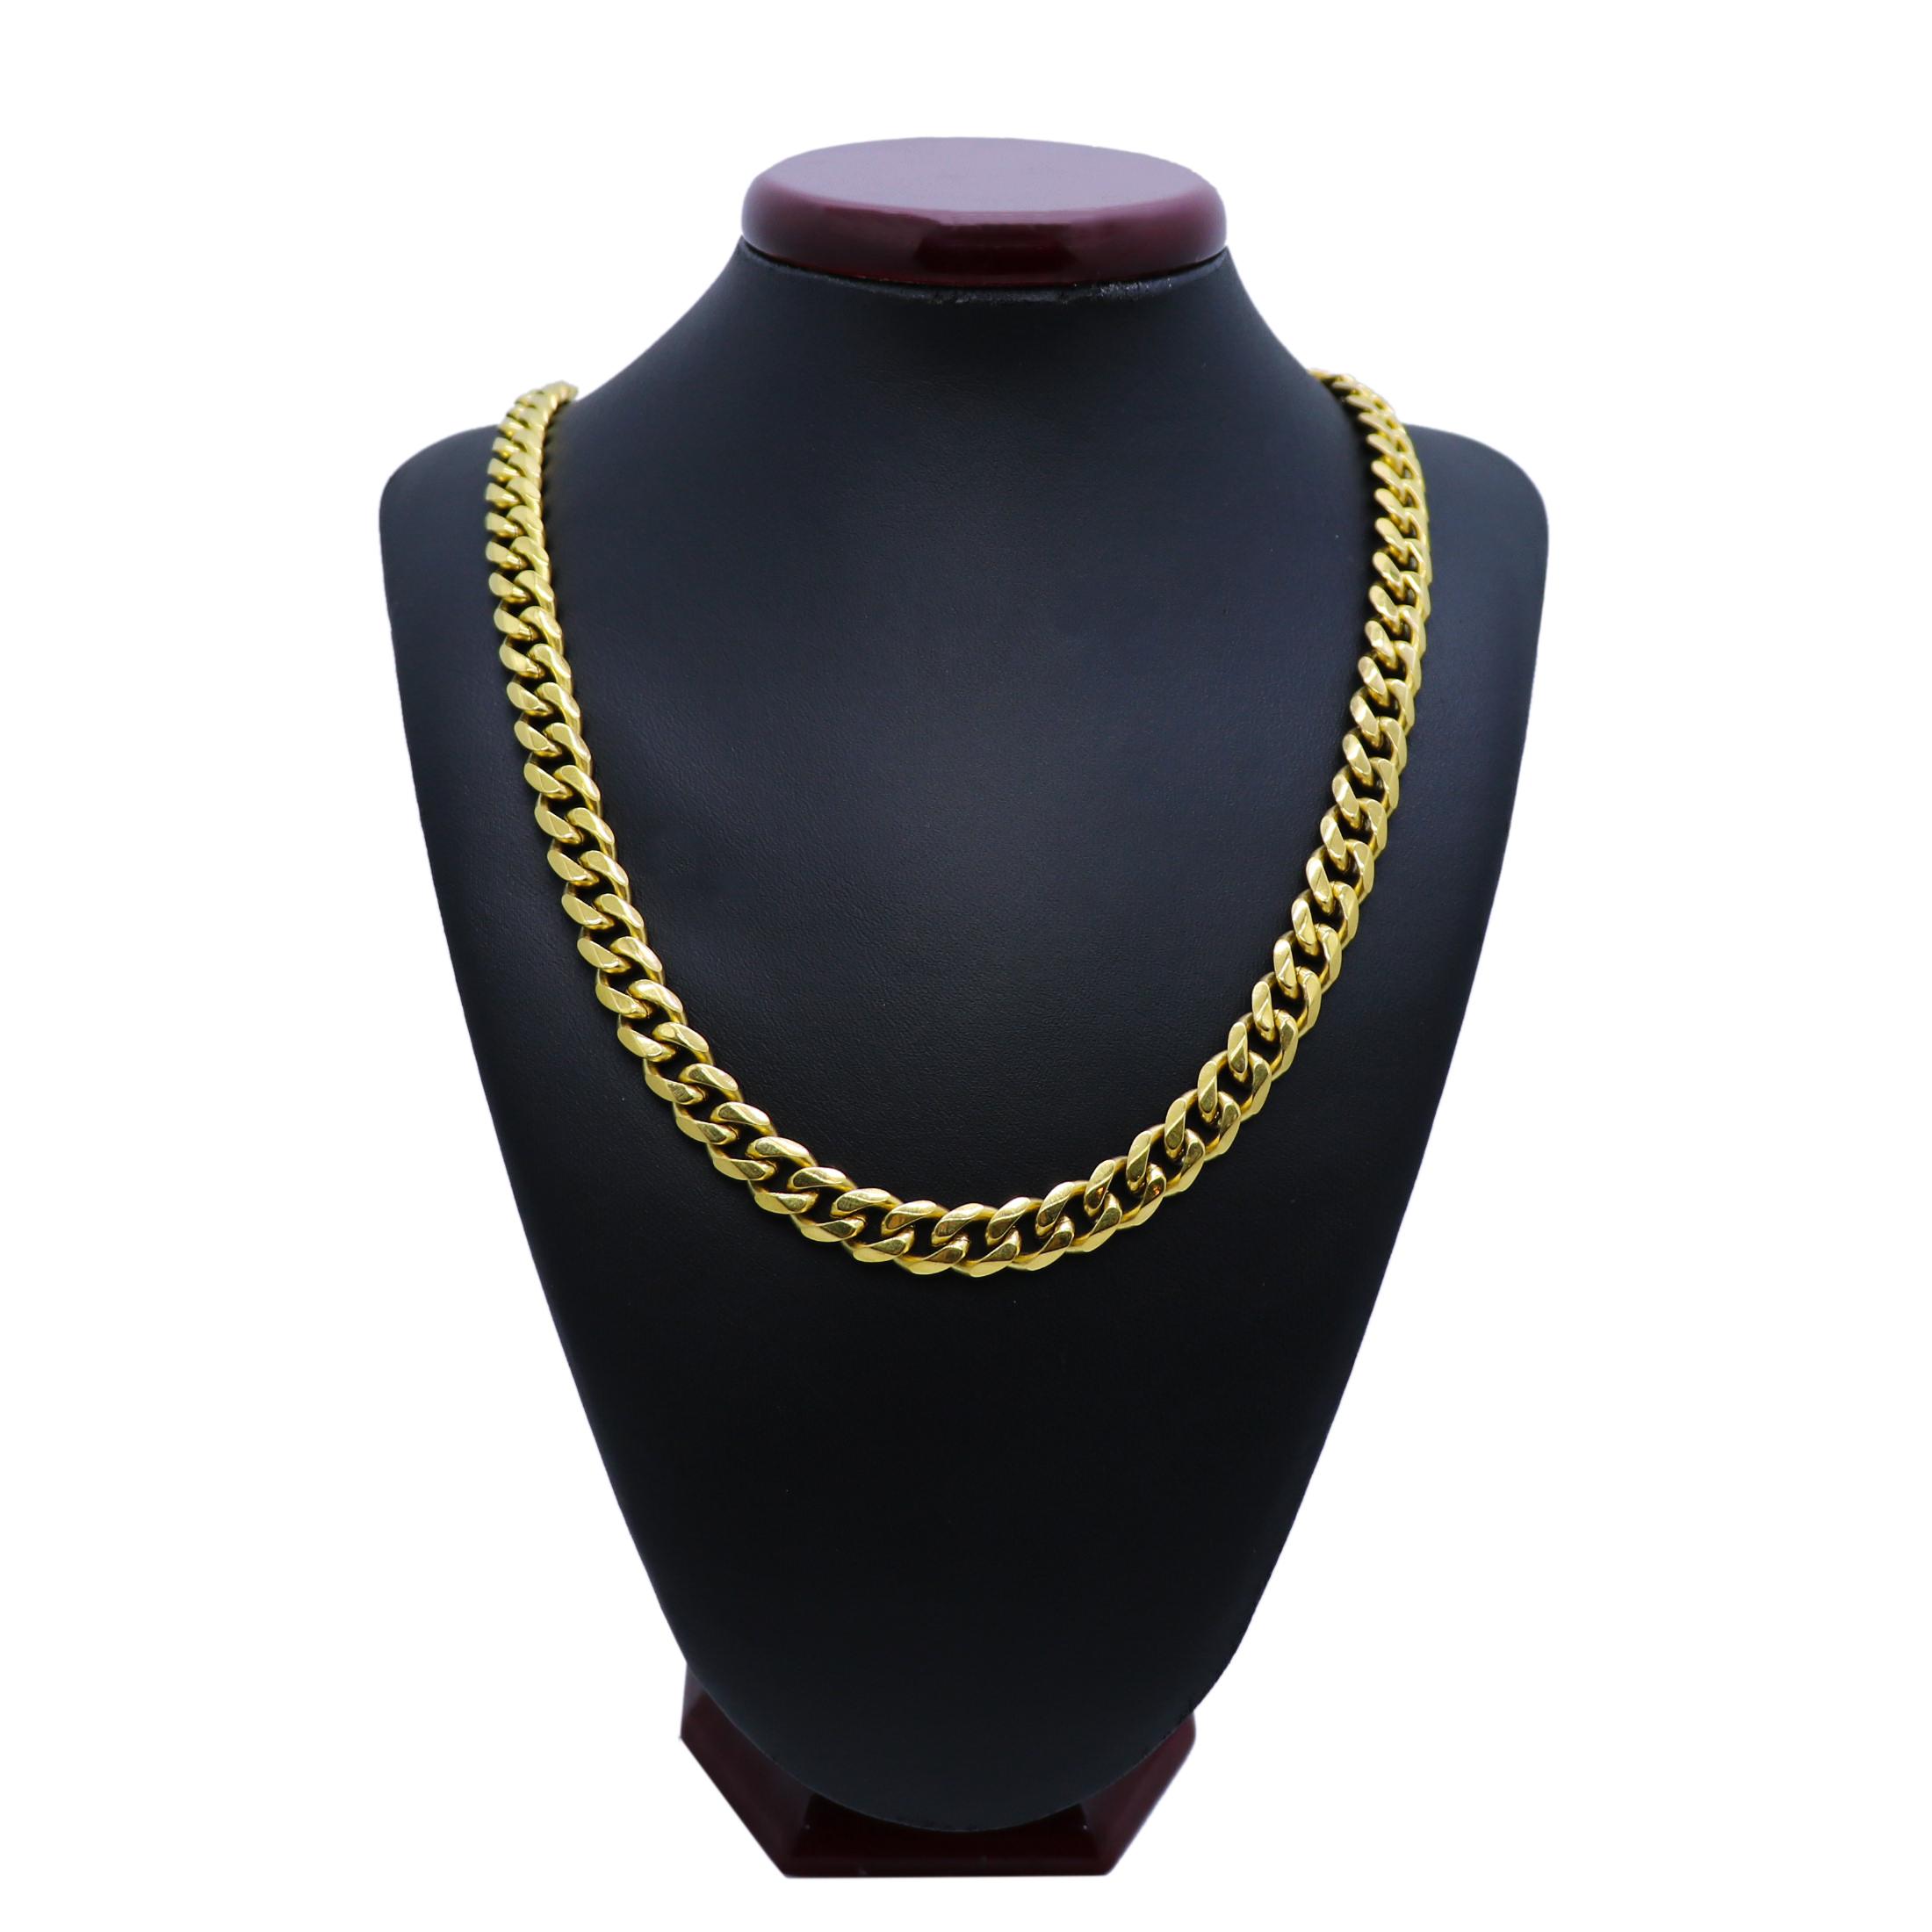 زنجیر مردانه کد kt908